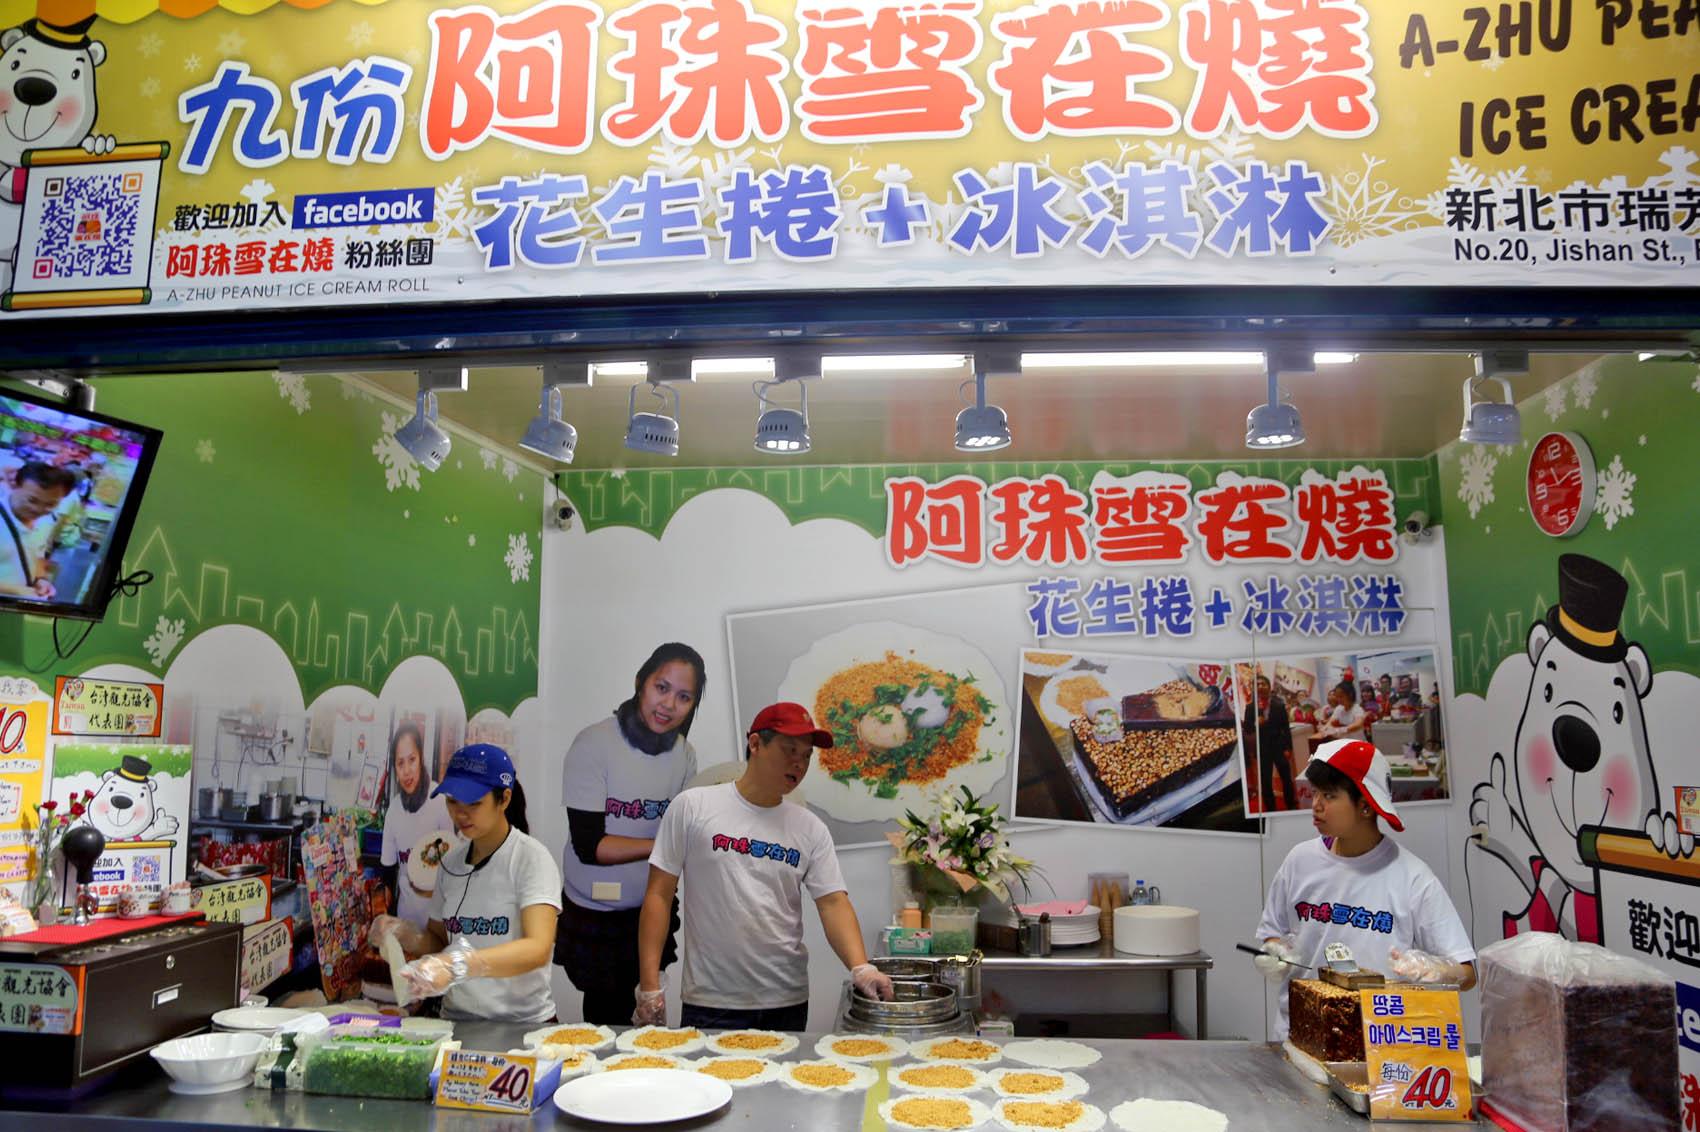 kem cuộn đậu phộng a-zhu làm một món ăn nổi tiếng ở phố cổ đài loan